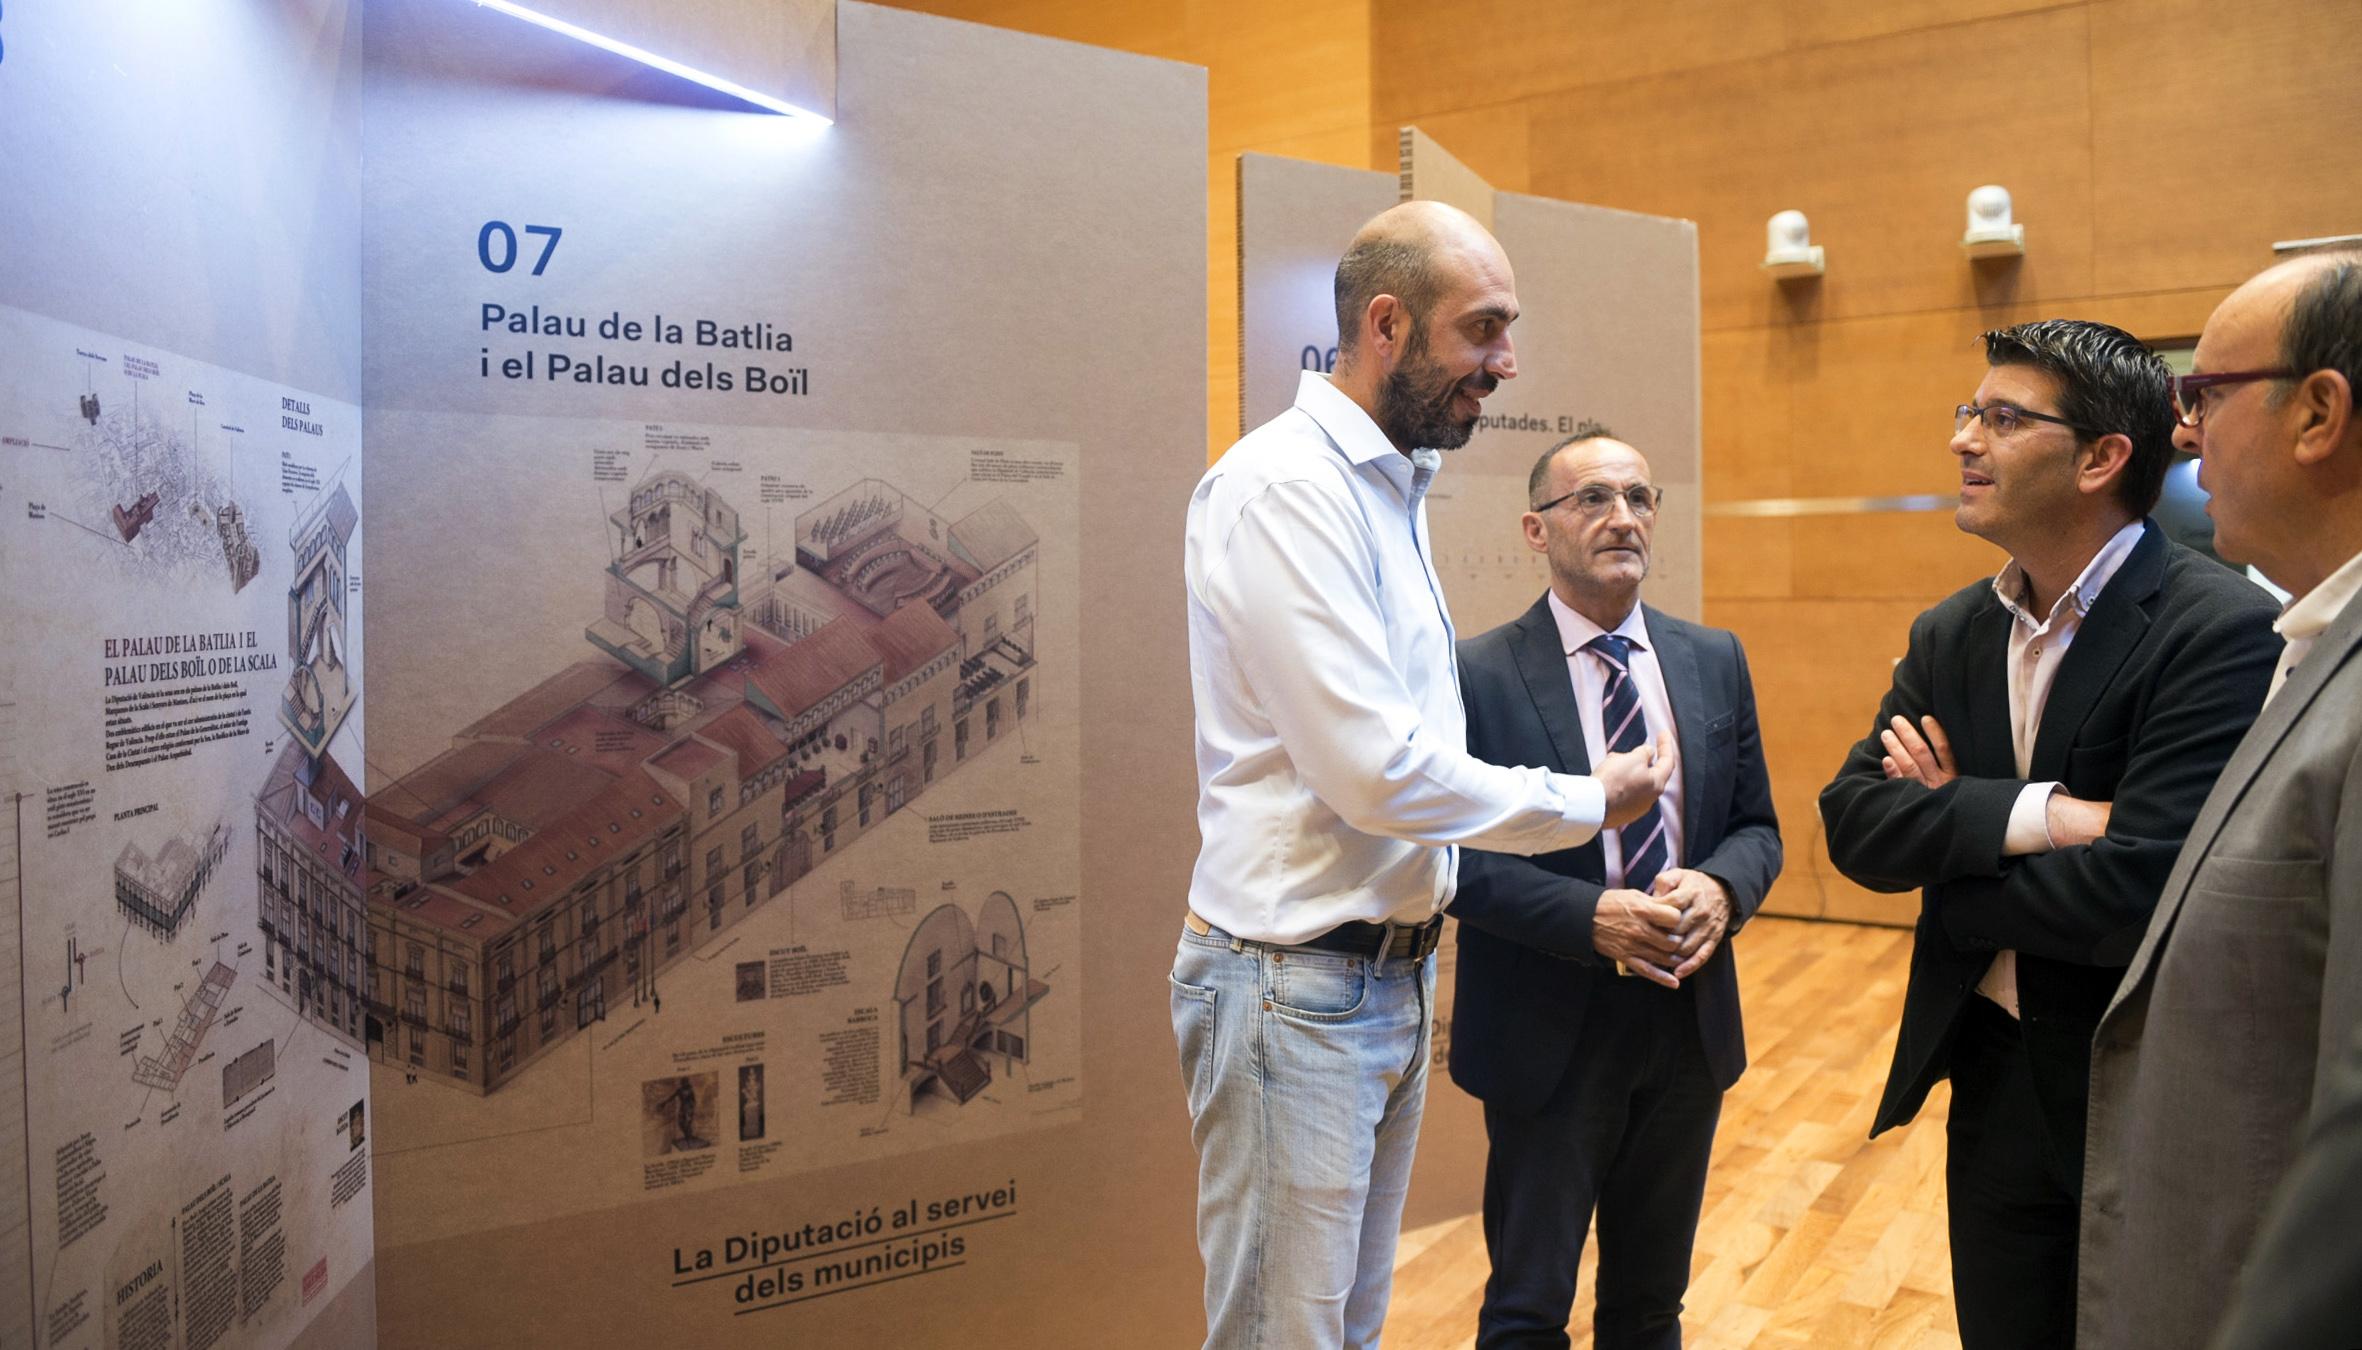 La Diputación abre sus puertas para dar a conocer a los ciudadanos su historia y los servicios que presta.